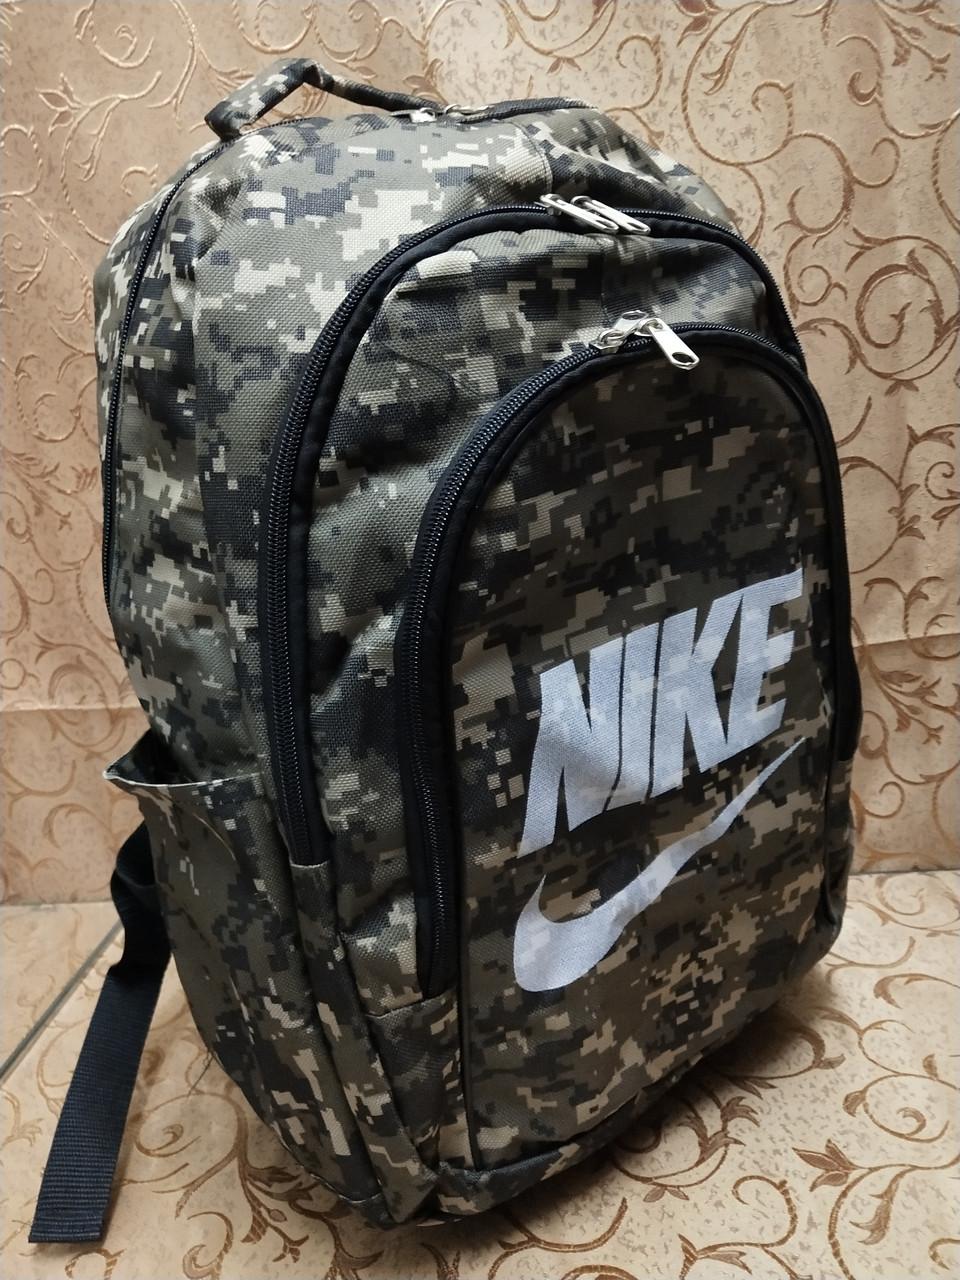 (46*31)Принт камуфляж рюкзак nike/спортивный спорт  городской ОПТ